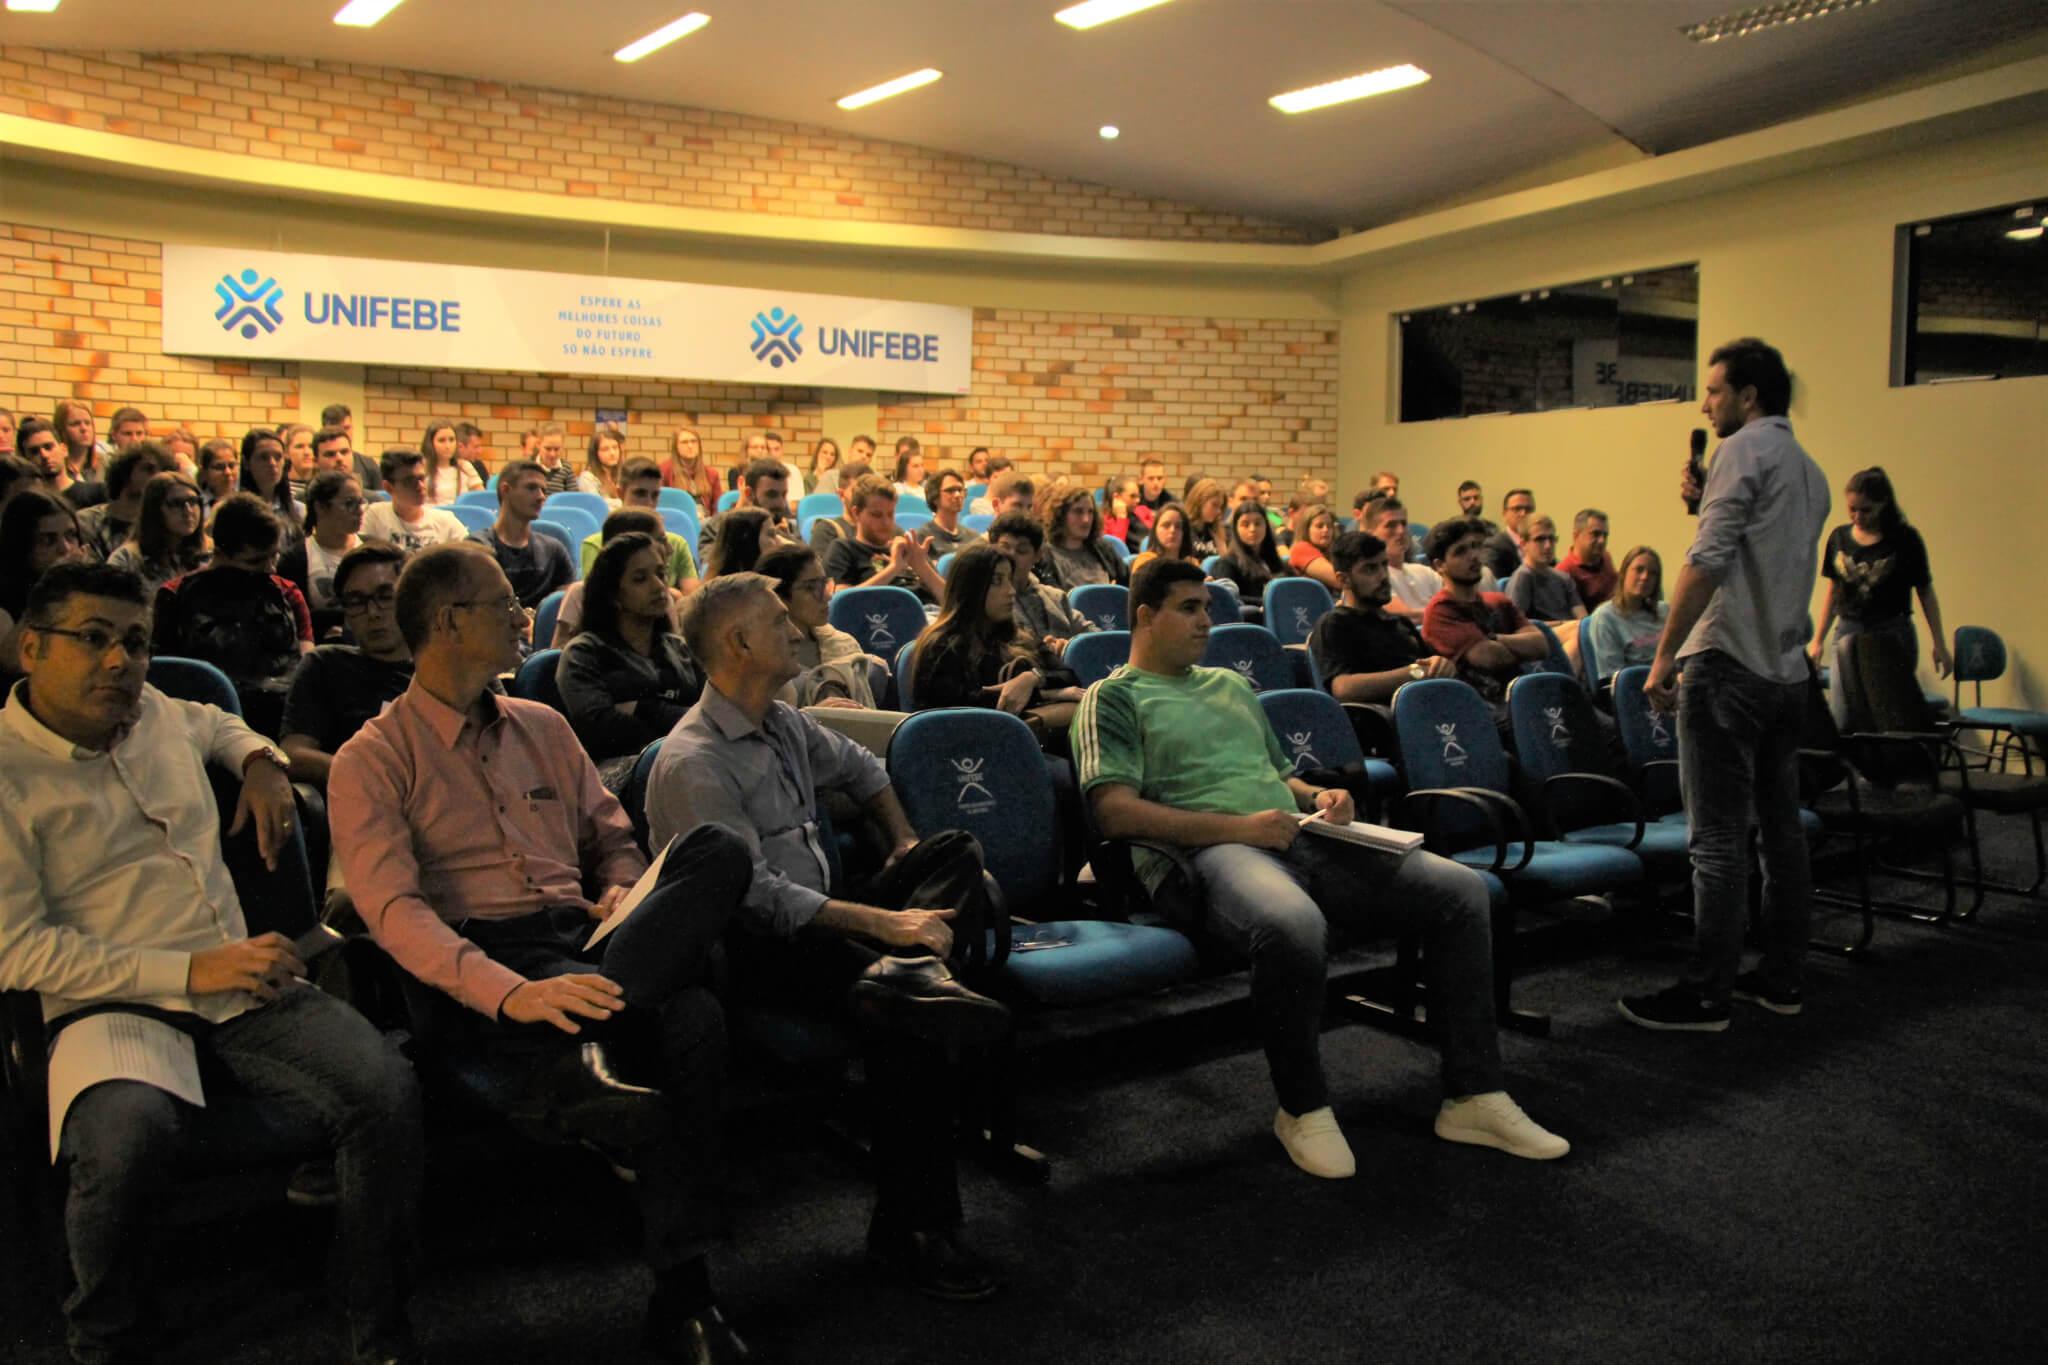 22ª Semana Acadêmica de Administração debate estratégias e inovação para o empreendedorismo